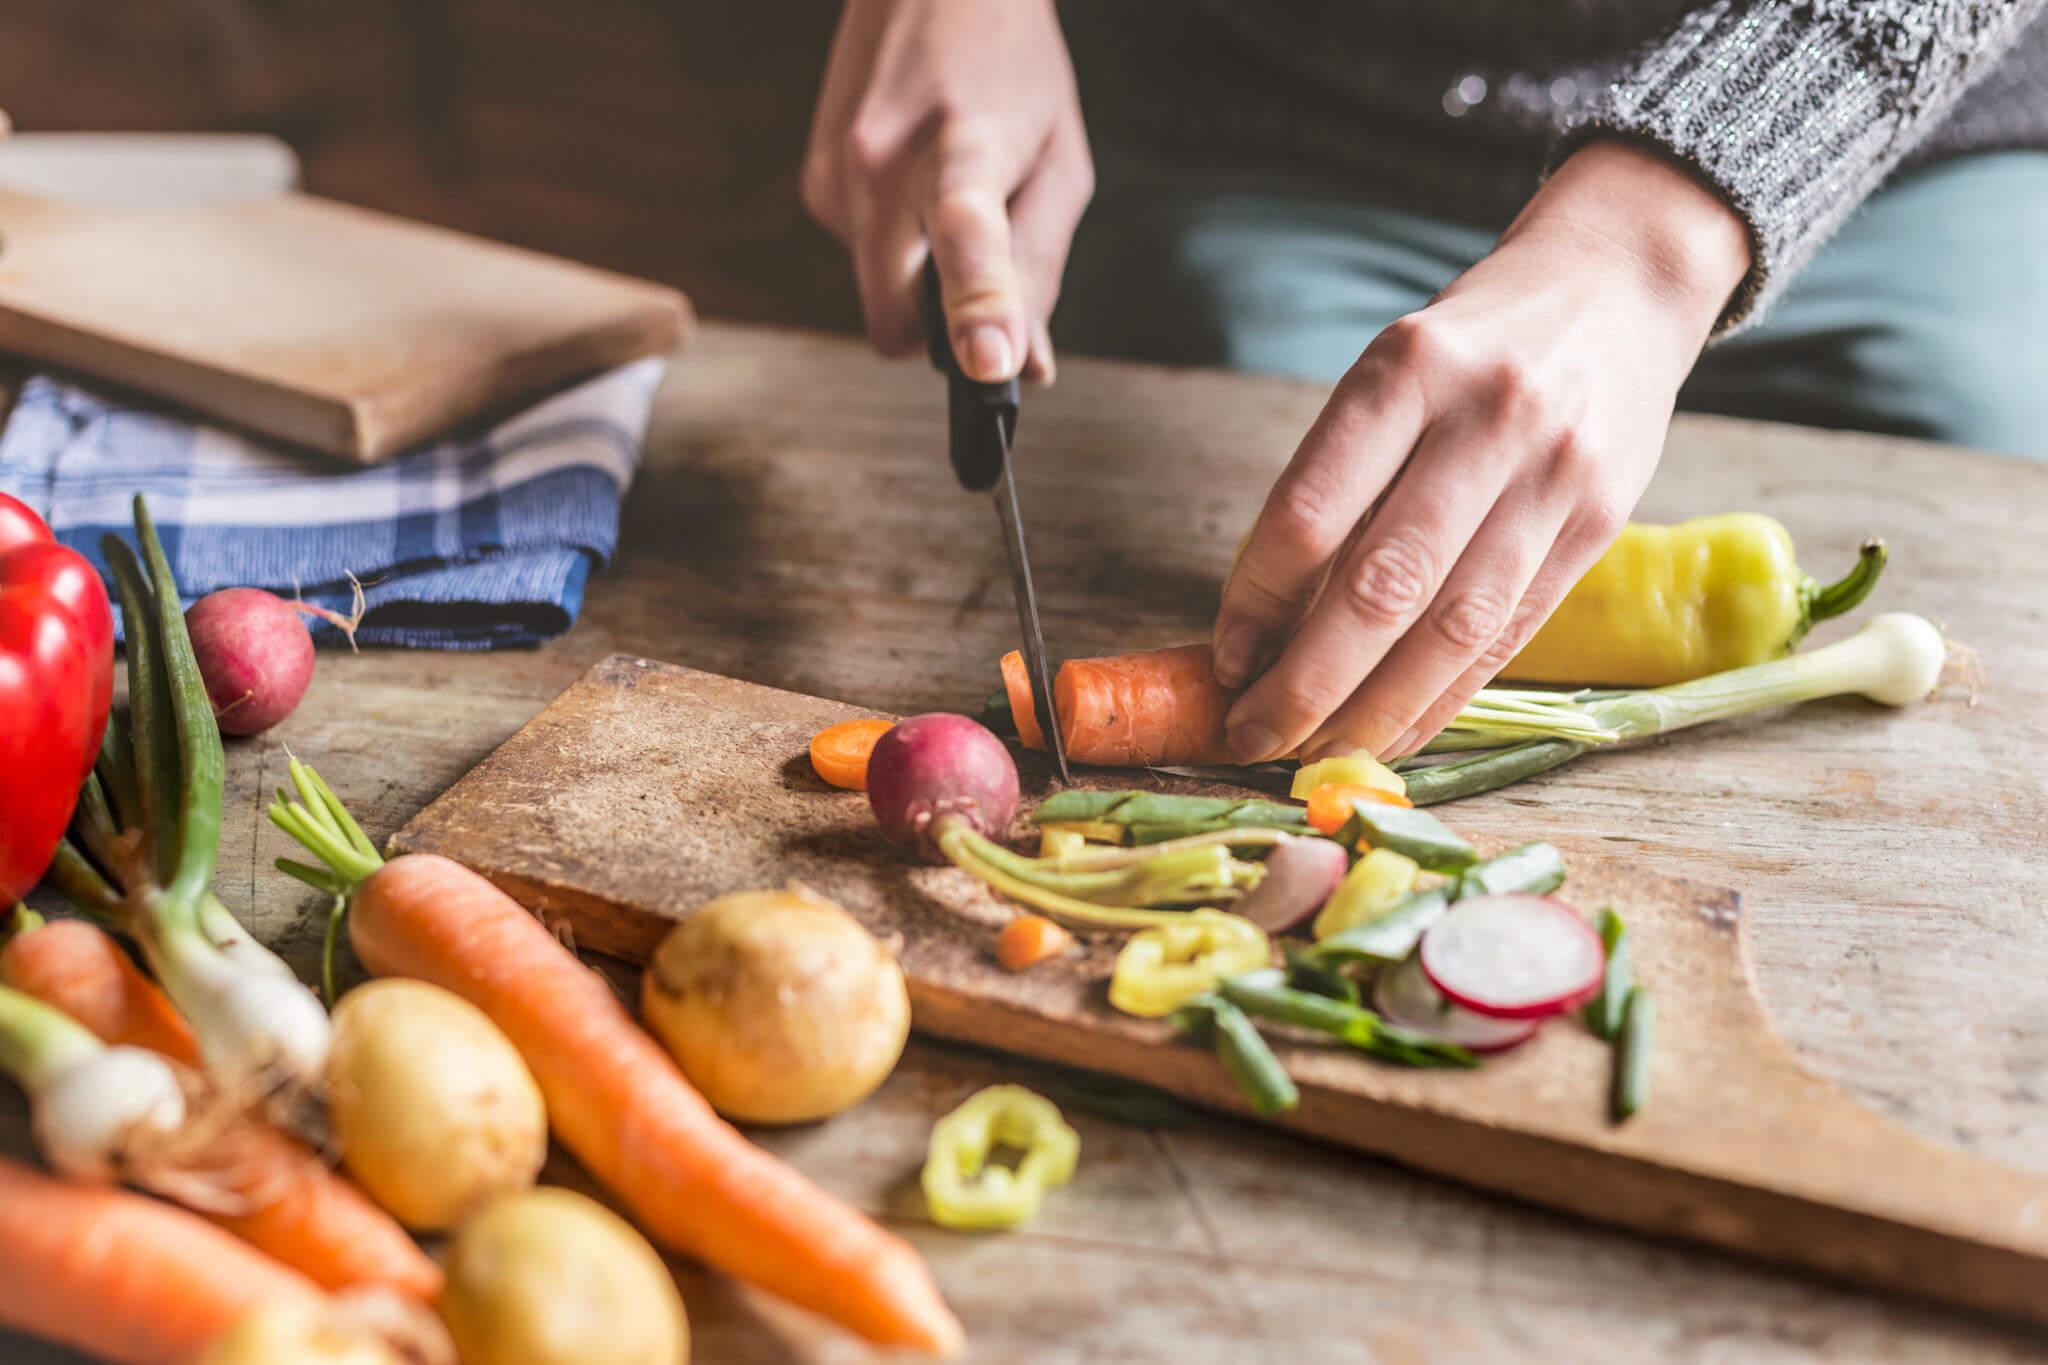 La prevenzione del cancro della pelle parte da una dieta sana